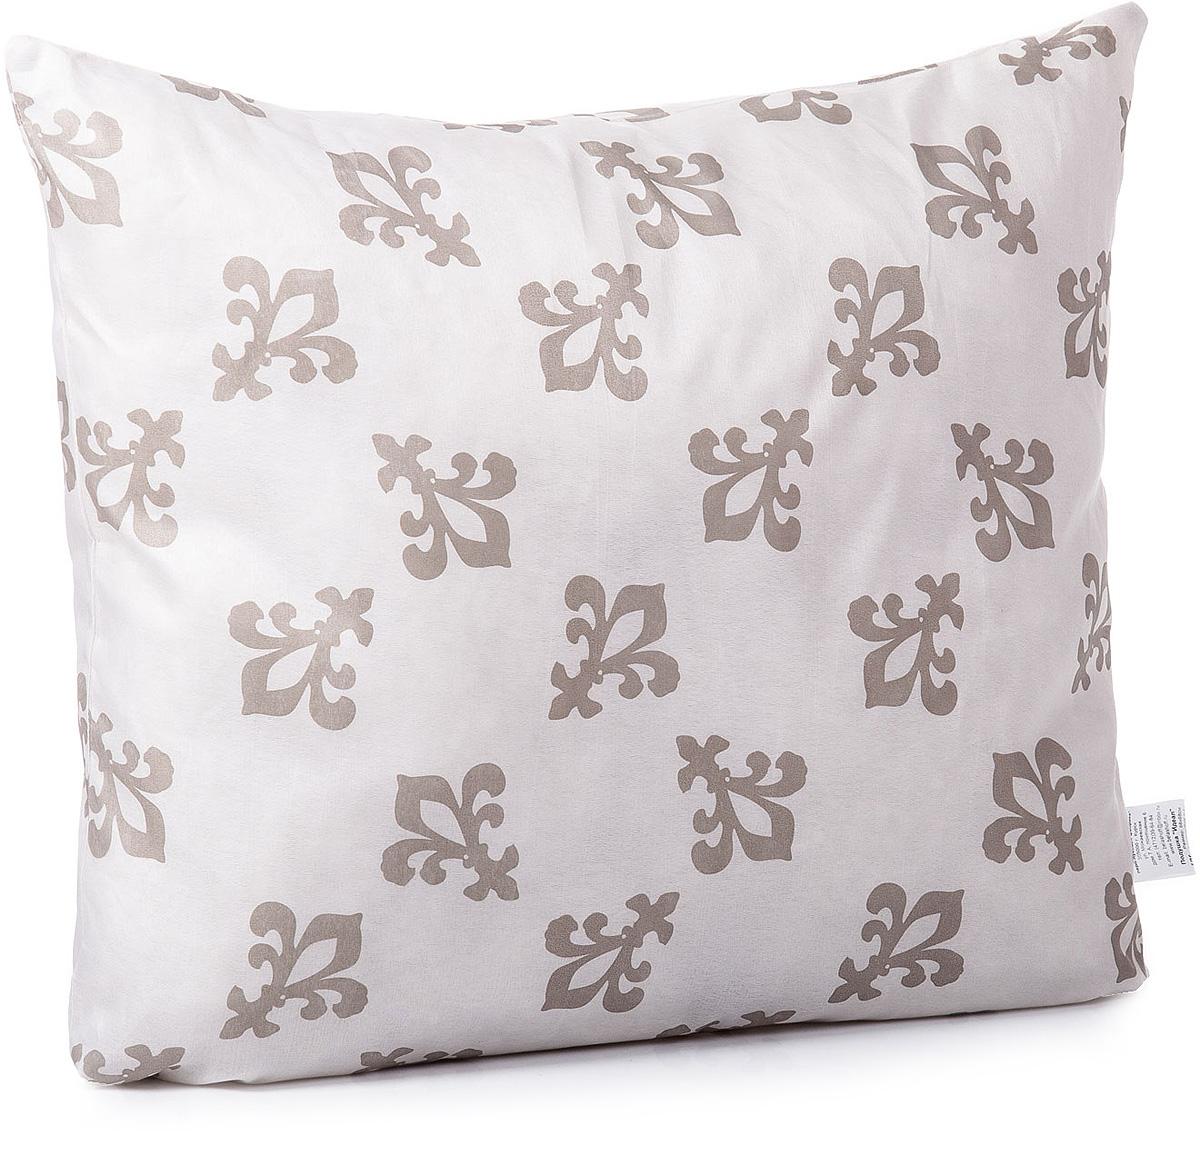 Подушка Тихий час Идеал, цвет: бежевый, белый, горичневый, 50 х 50 смТЧХ 1-7Коллекция синтетических подушек и одеял Идеал отличает высокое качество изделия при оптимальной цене. Наполнитель синтетических одеял и подушек коллекции Идеал — полое силиконизированное волокно, которое на сегодняшний день является самым популярным и экологически чистым наполнителем.Лёгкие в уходе и гигиеничные, эти изделия привлекают длительной износостойкостью и невысокой ценой. Подушки и одеяла Идеал гипоаллергенны. Изделие легко в уходе, возможна бережная стирка.